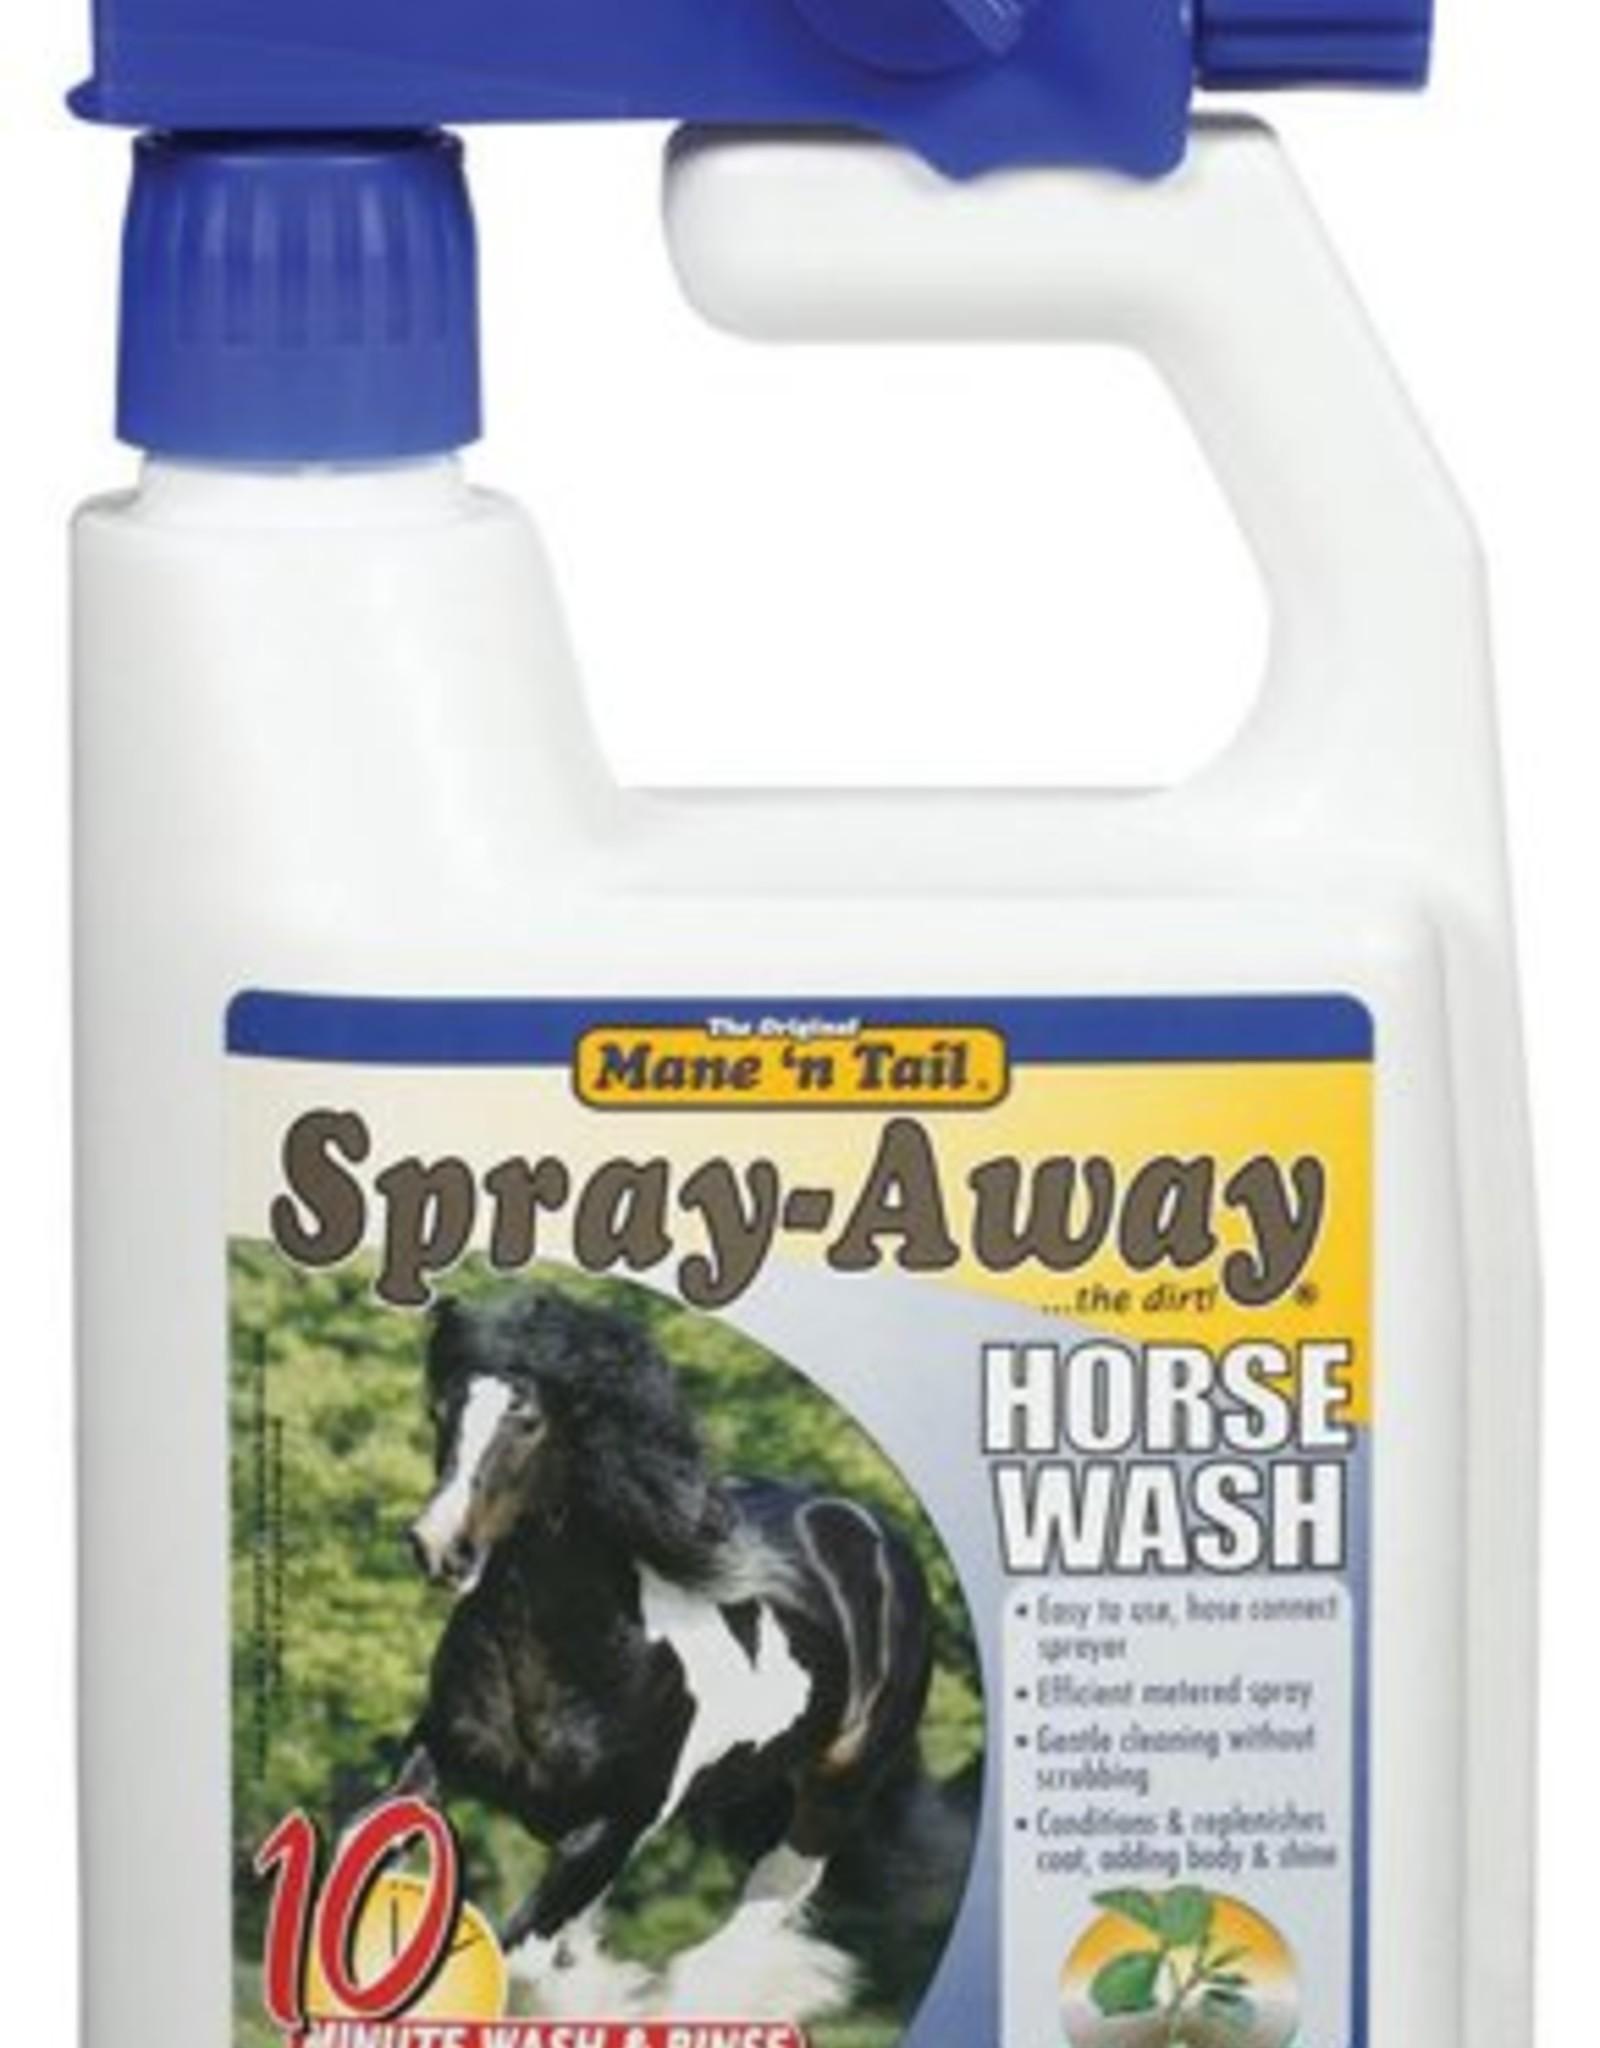 Mane 'n Tail Mane 'n Tail - Spray Away Shampoo